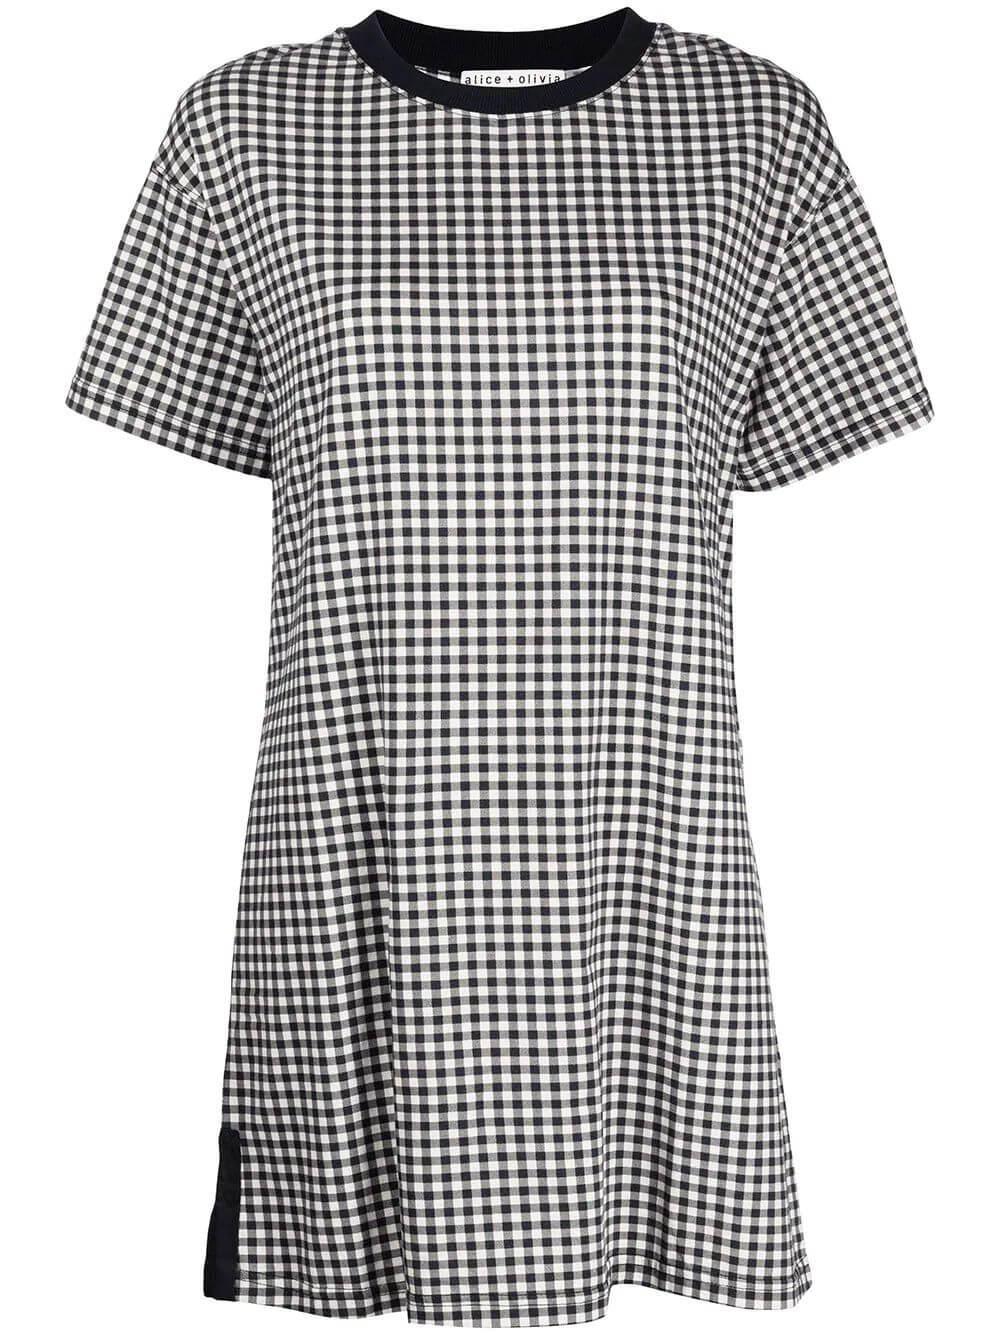 Garner Gingham Dress Item # CC106V06536